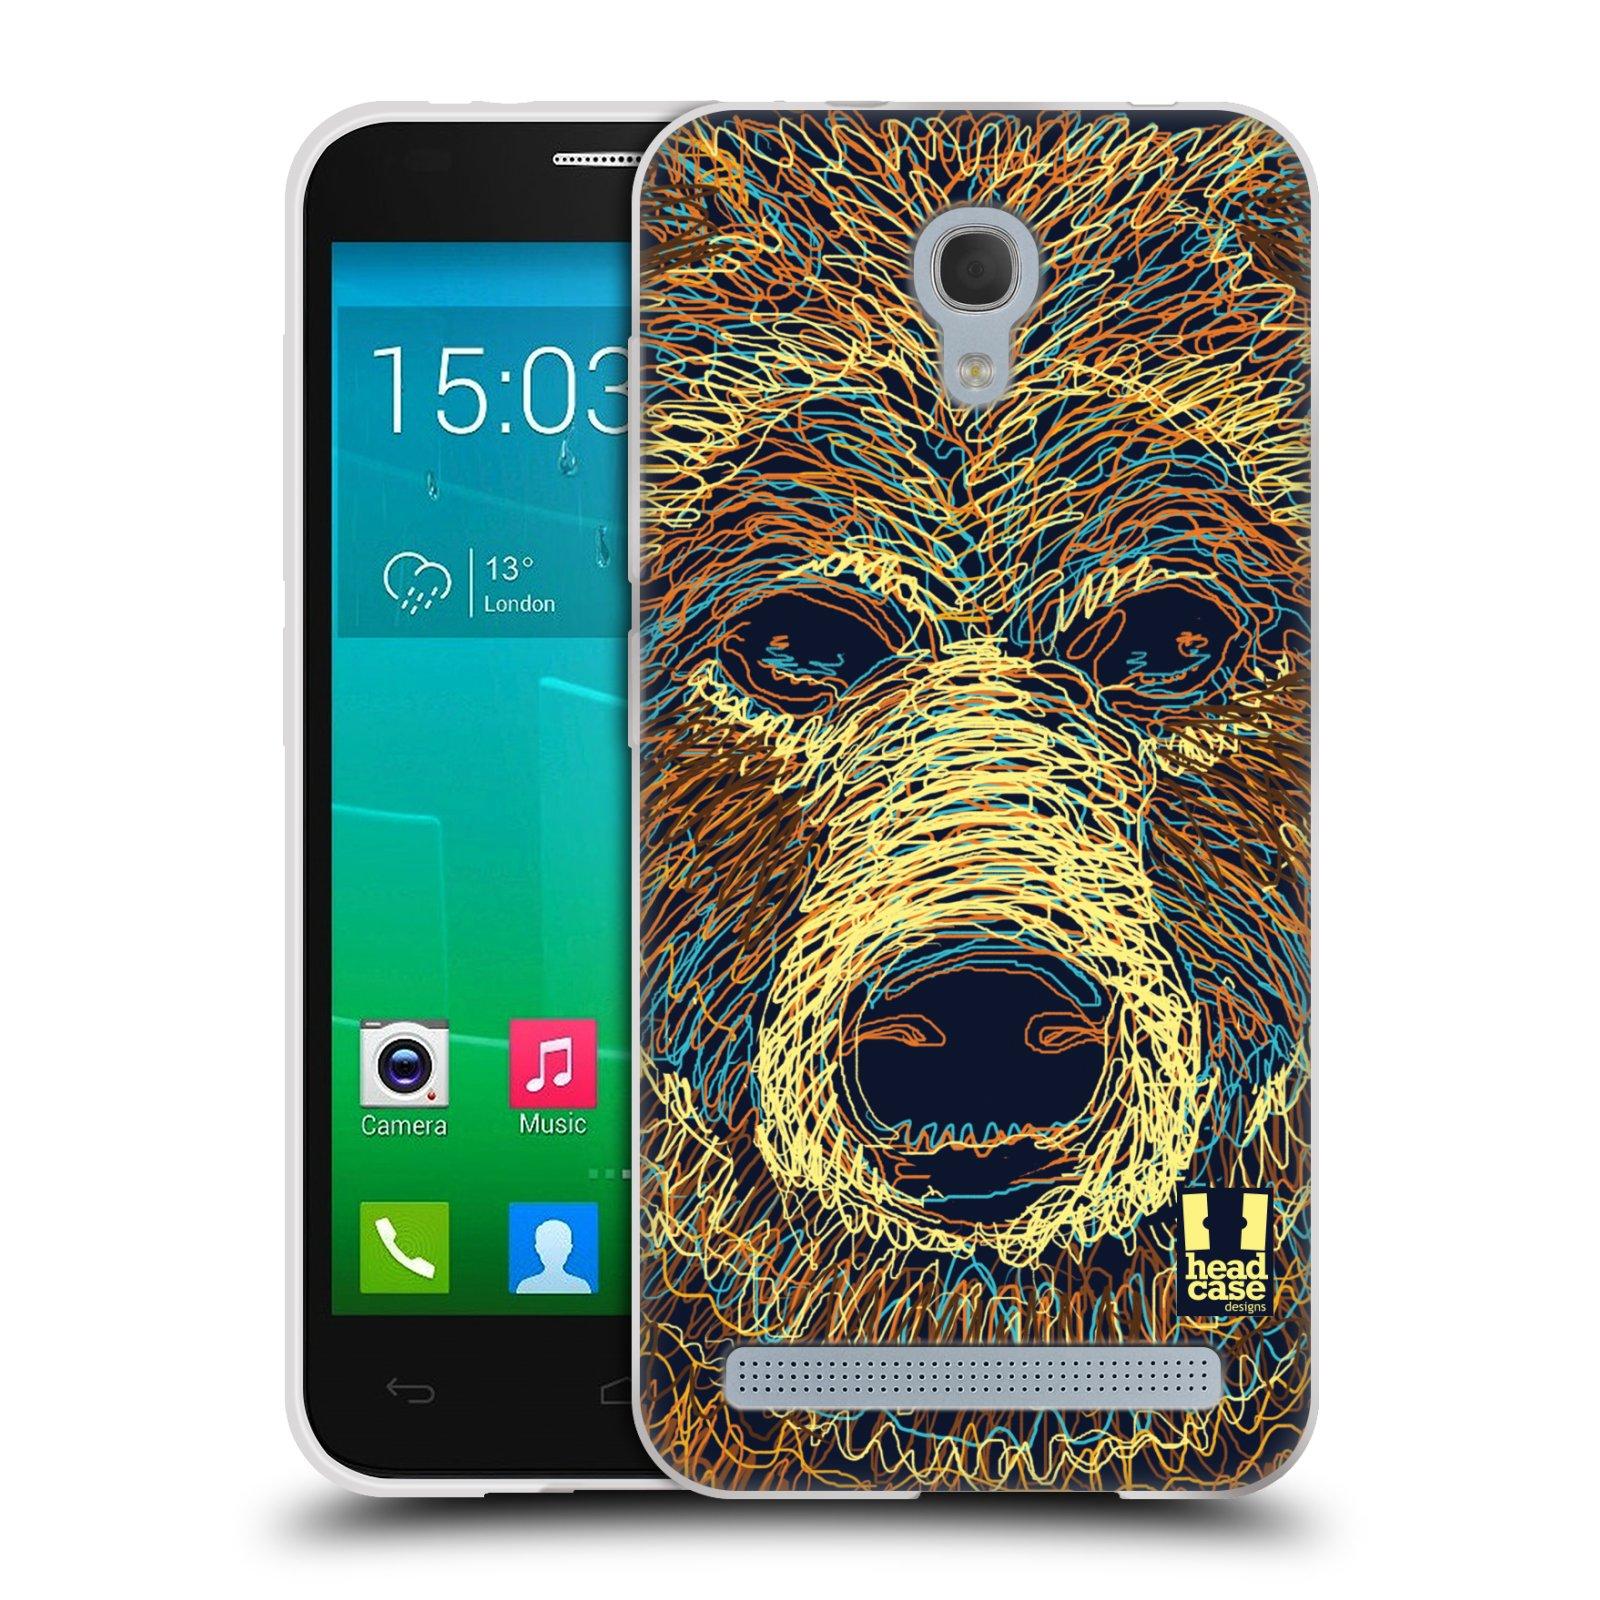 HEAD CASE silikonový obal na mobil Alcatel Idol 2 MINI S 6036Y vzor zvíře čmáranice medvěd